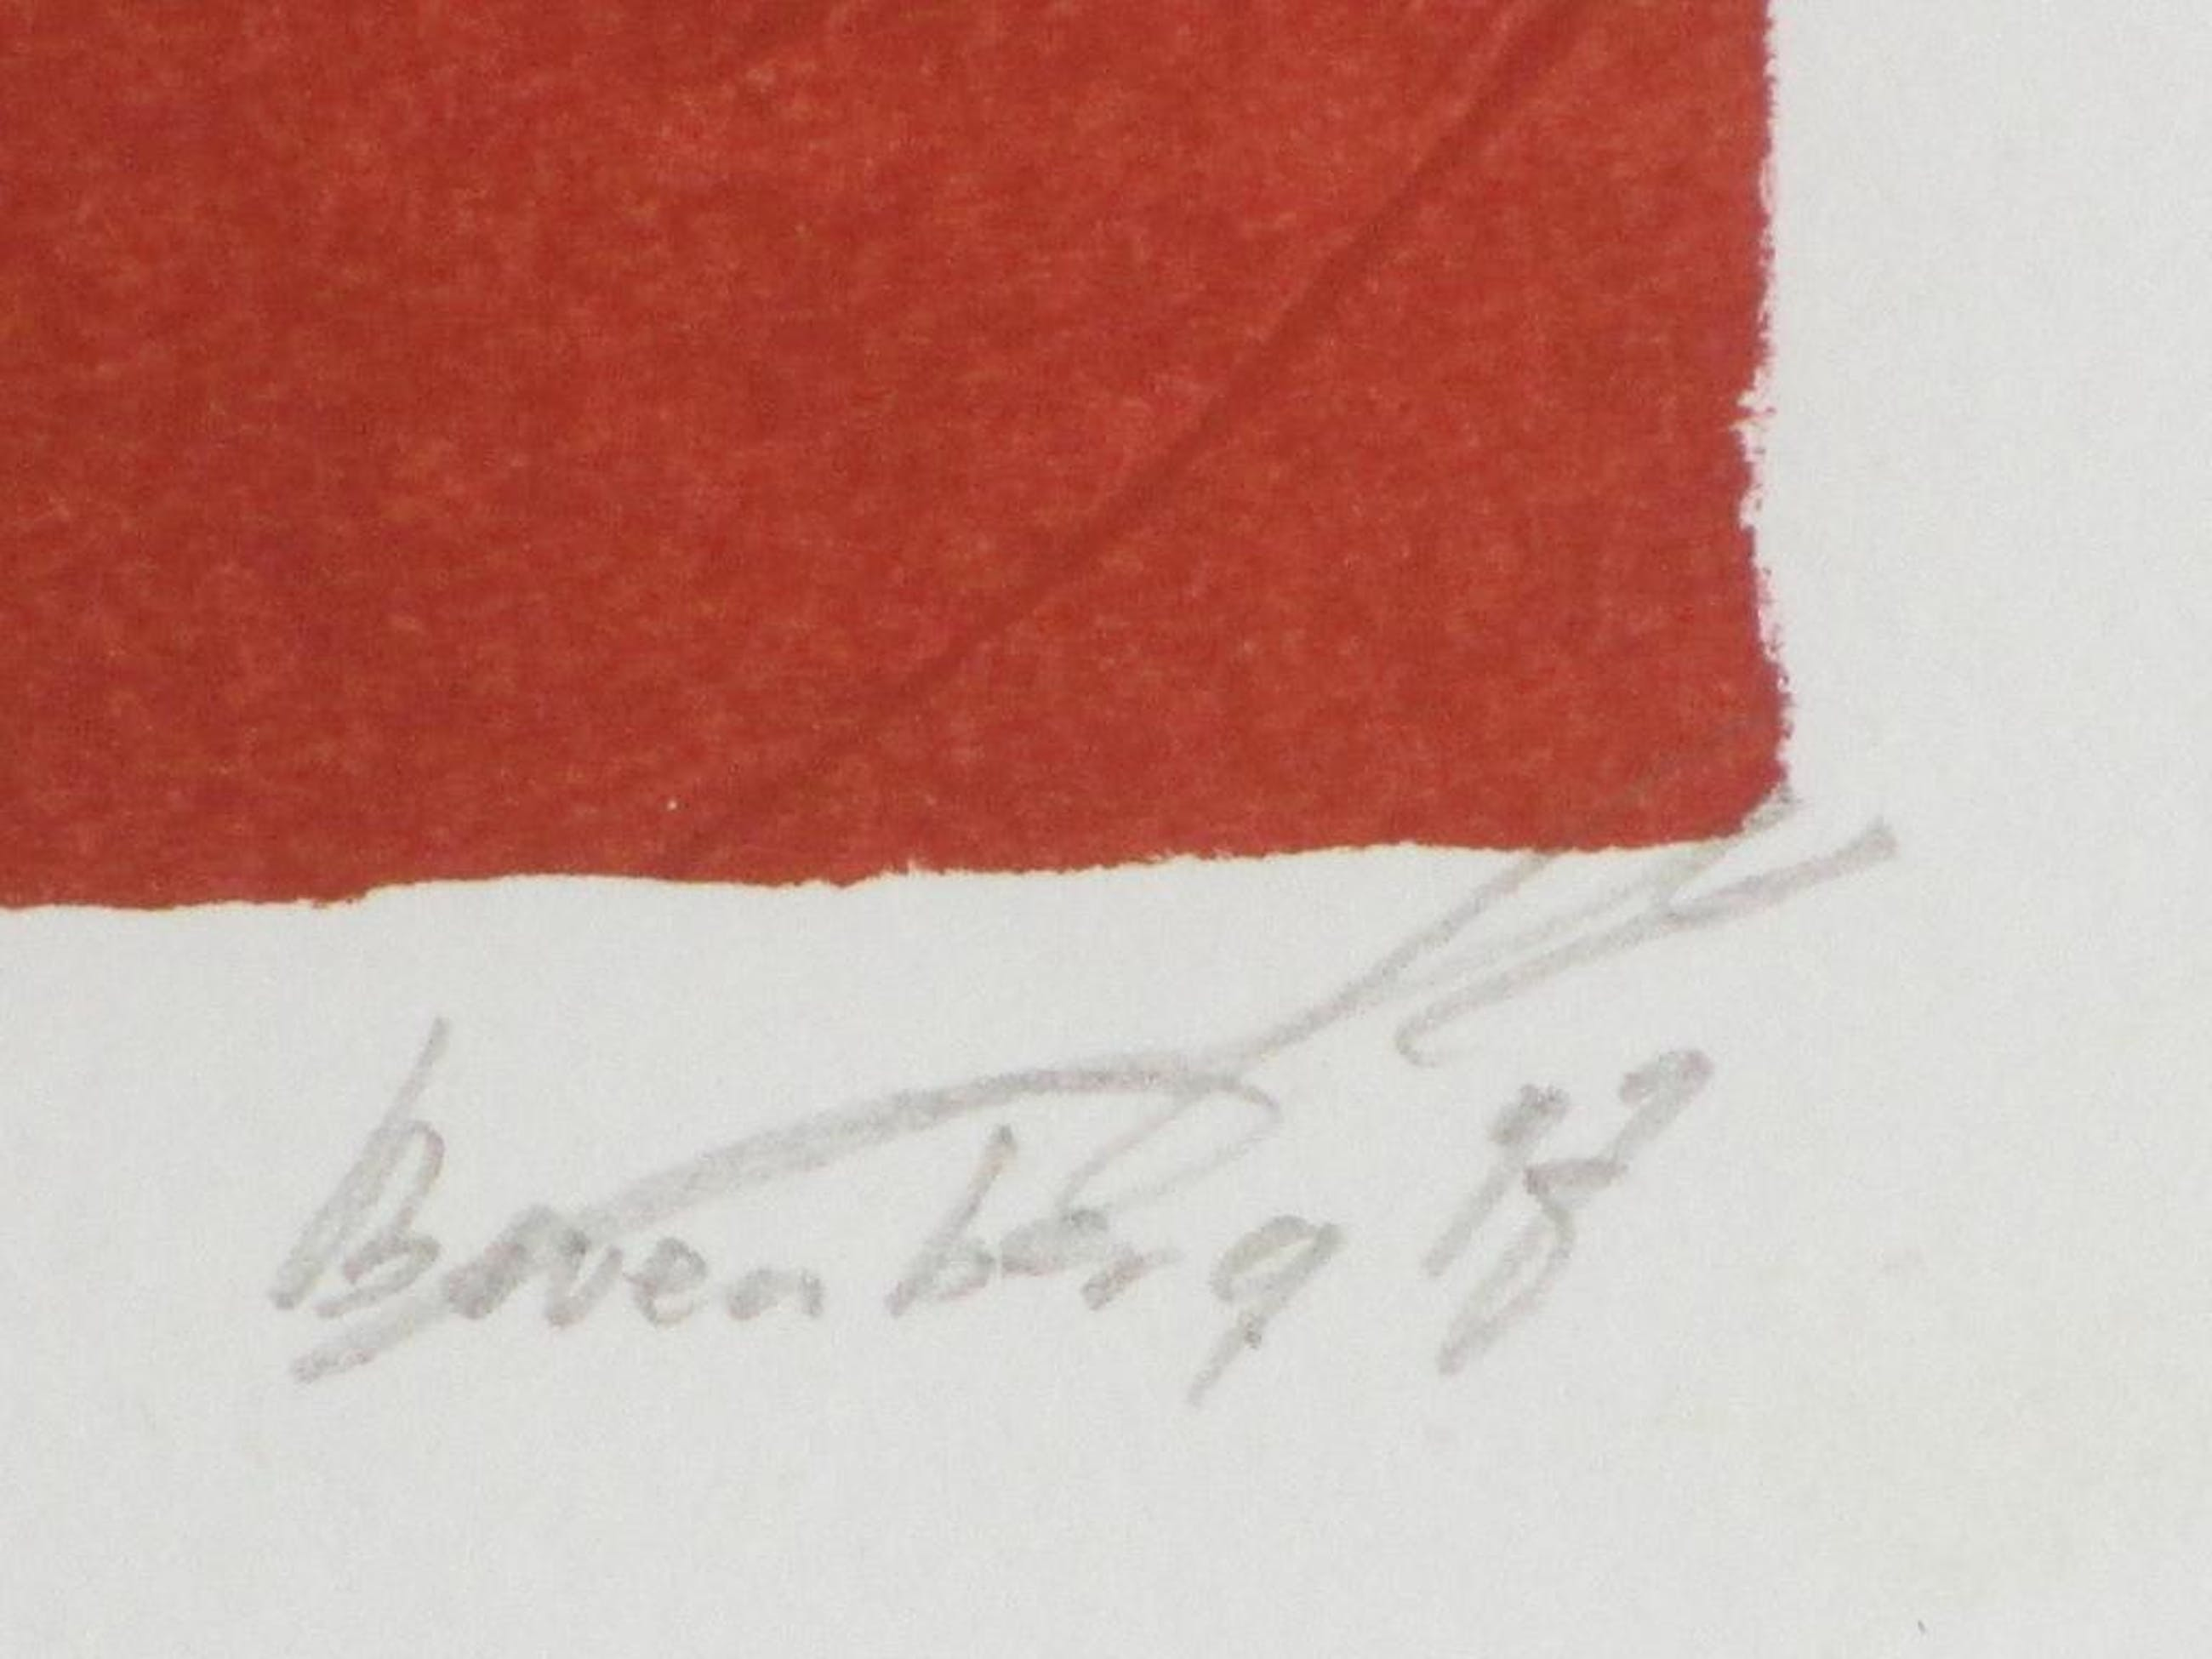 Gerard Bovenberg, Nergens huizen, Zeefdruk 1997 kopen? Bied vanaf 35!